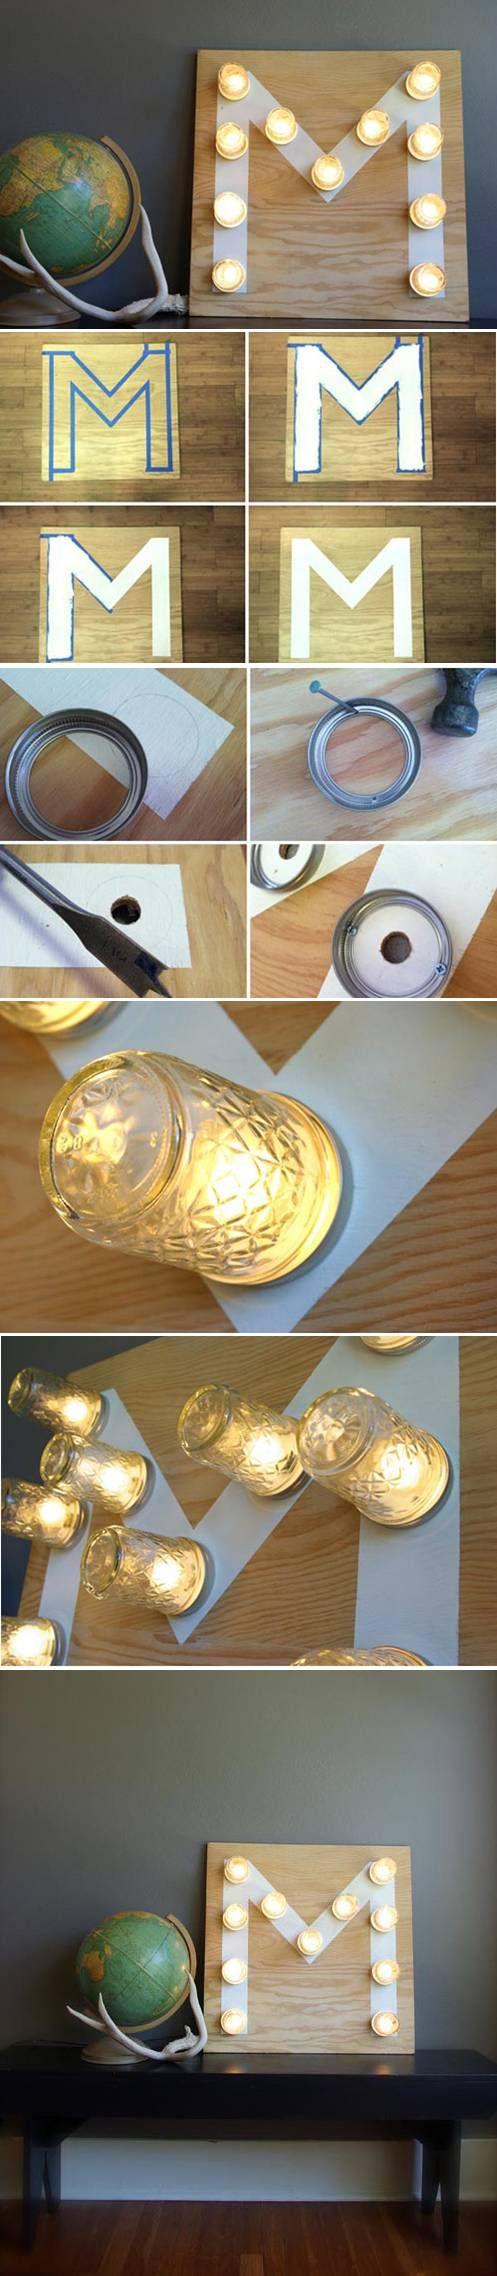 Olha só esse painel de luzes feito com vidros reciclados. Mega fácil!!!